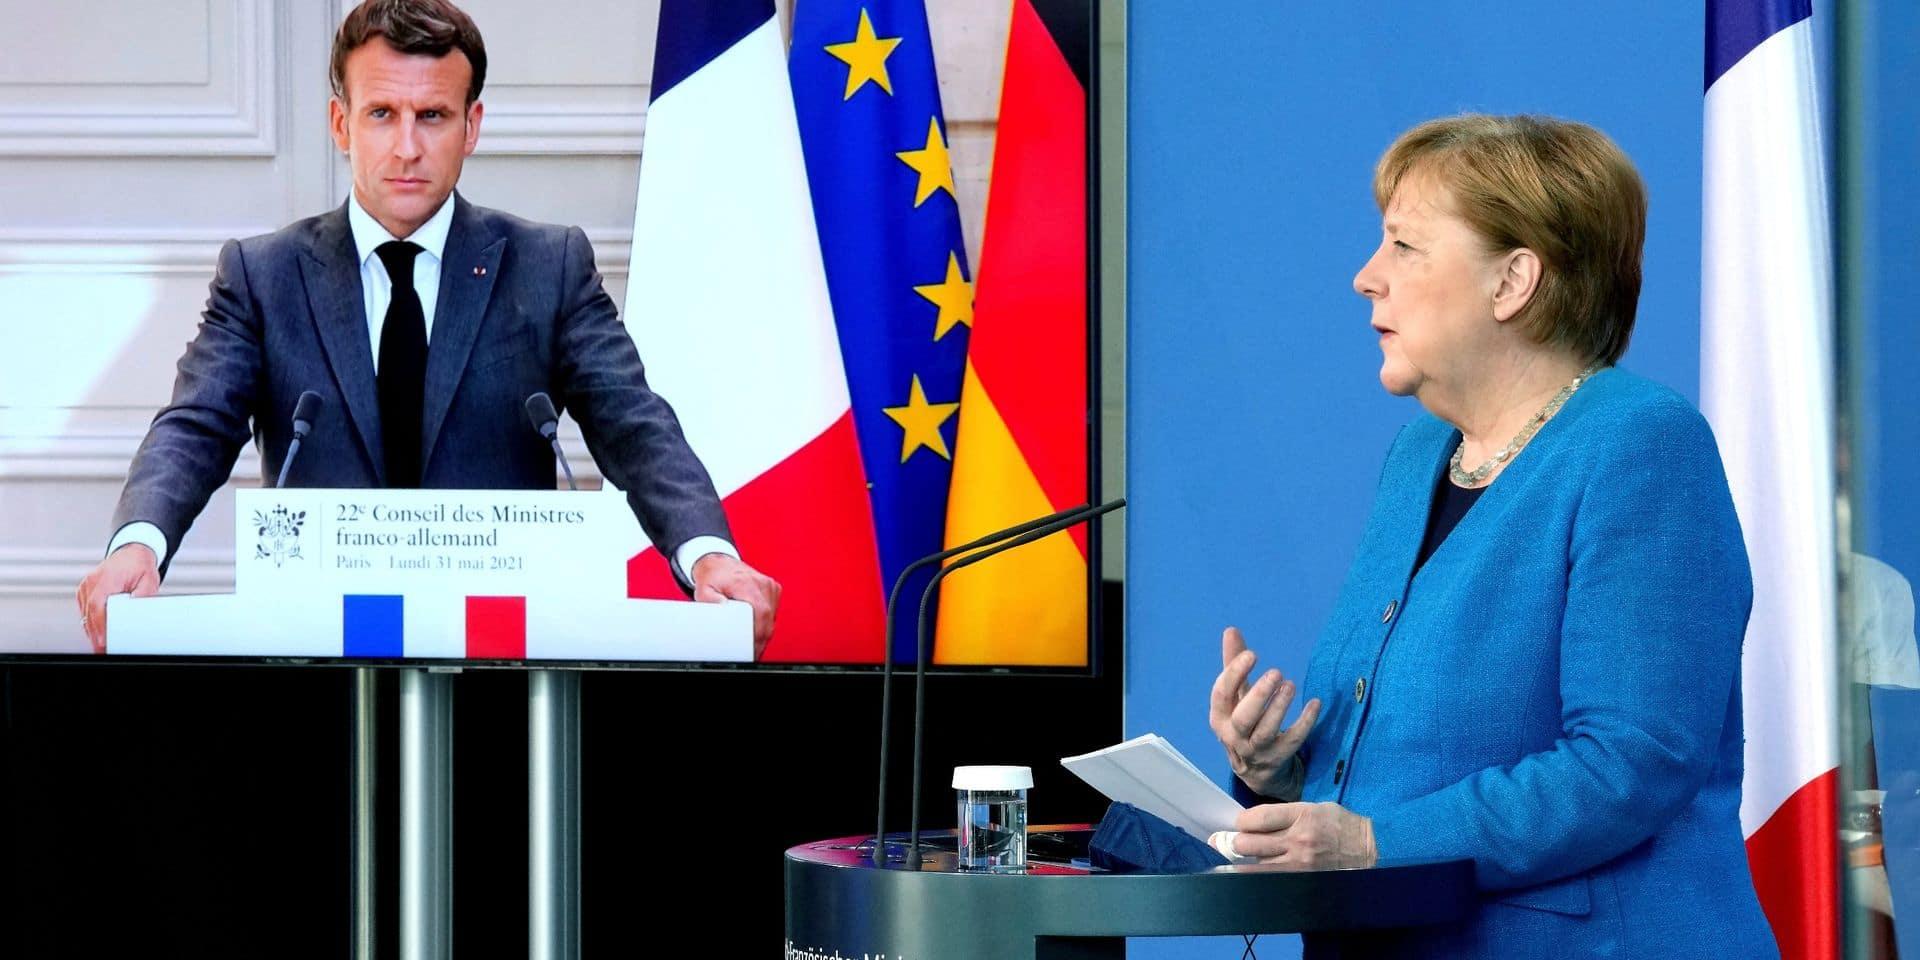 Espionnage d'alliés européens: Macron et Merkel attendent des explications des USA et du Danemark